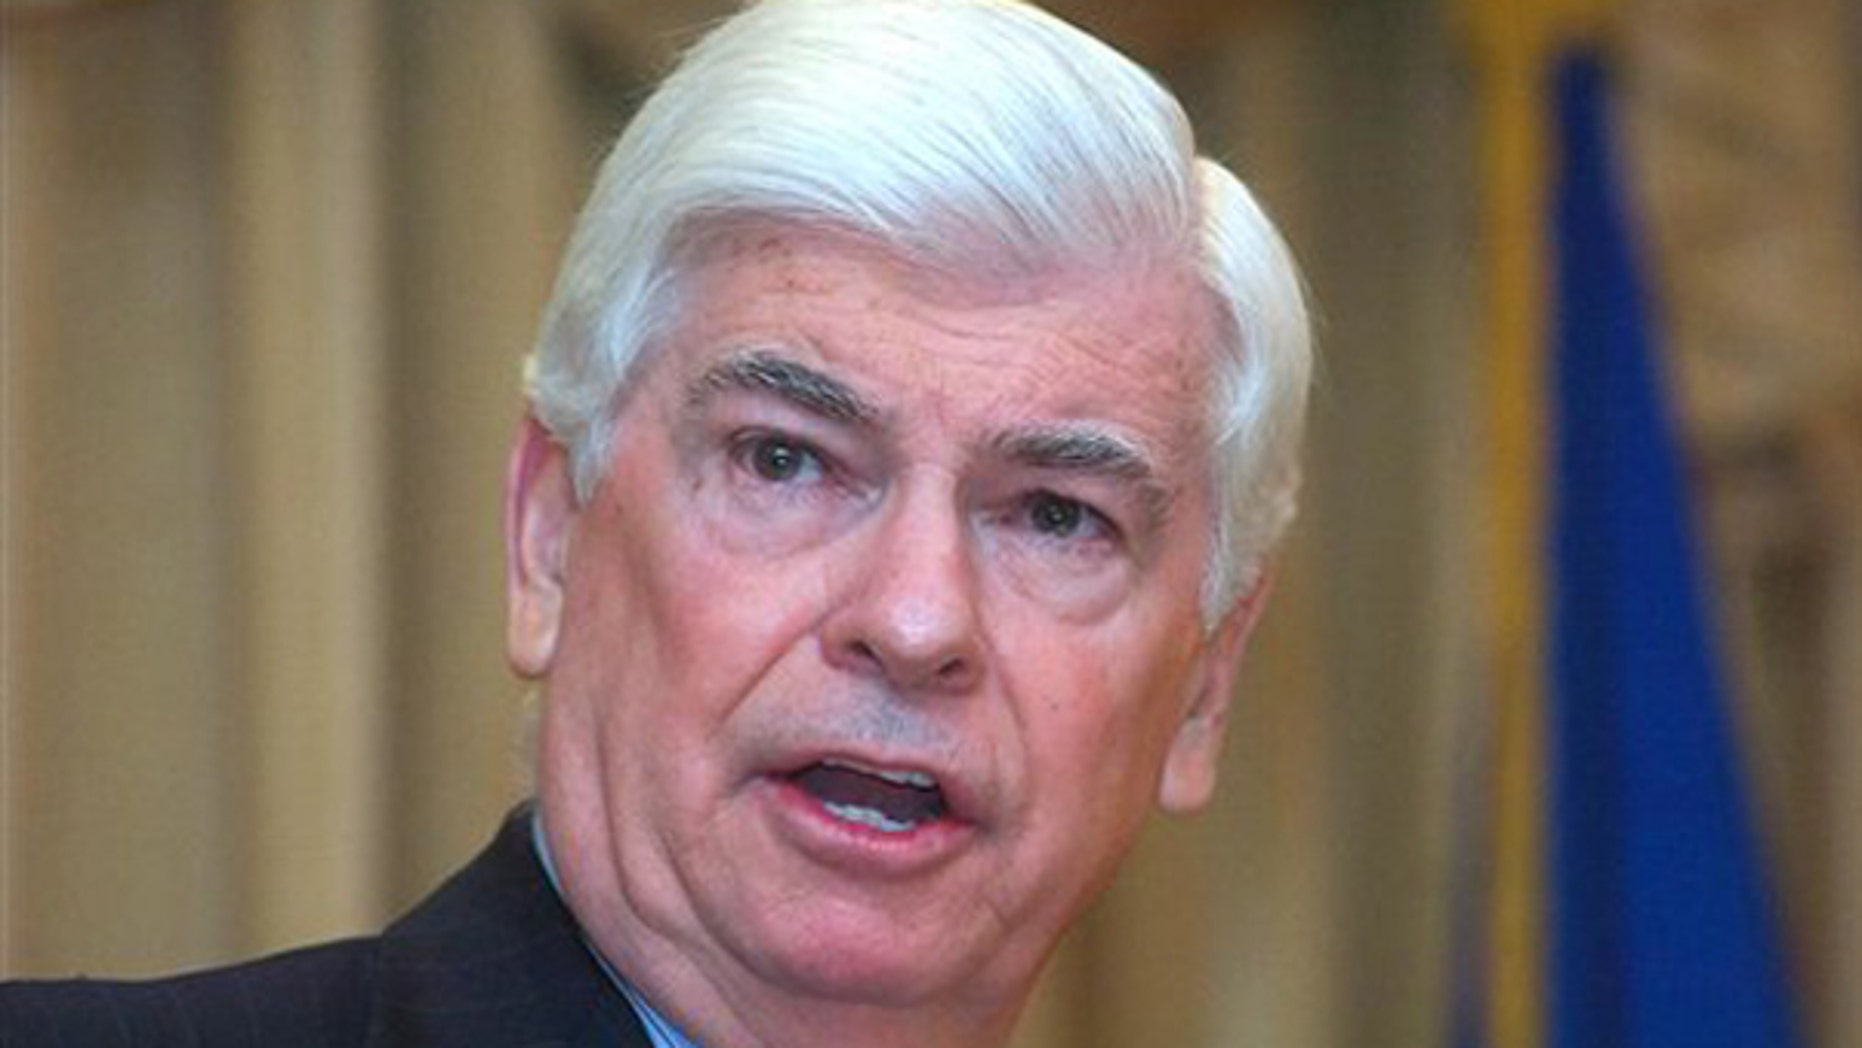 Sen. Chris Dodd speaks to The Norwalk Chamber of Commerce Jan. 5. (AP Photo)